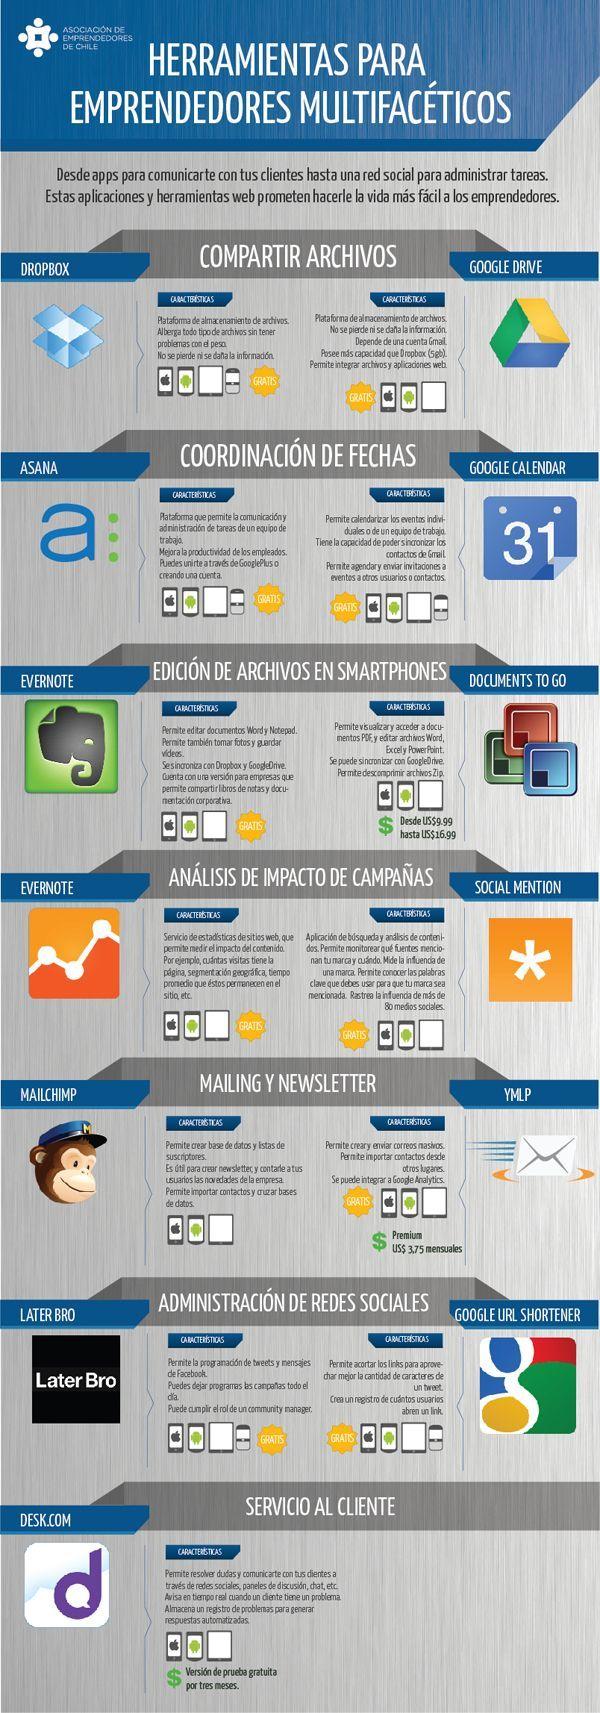 Herramientas para emprendedores multifacéticos #infografia